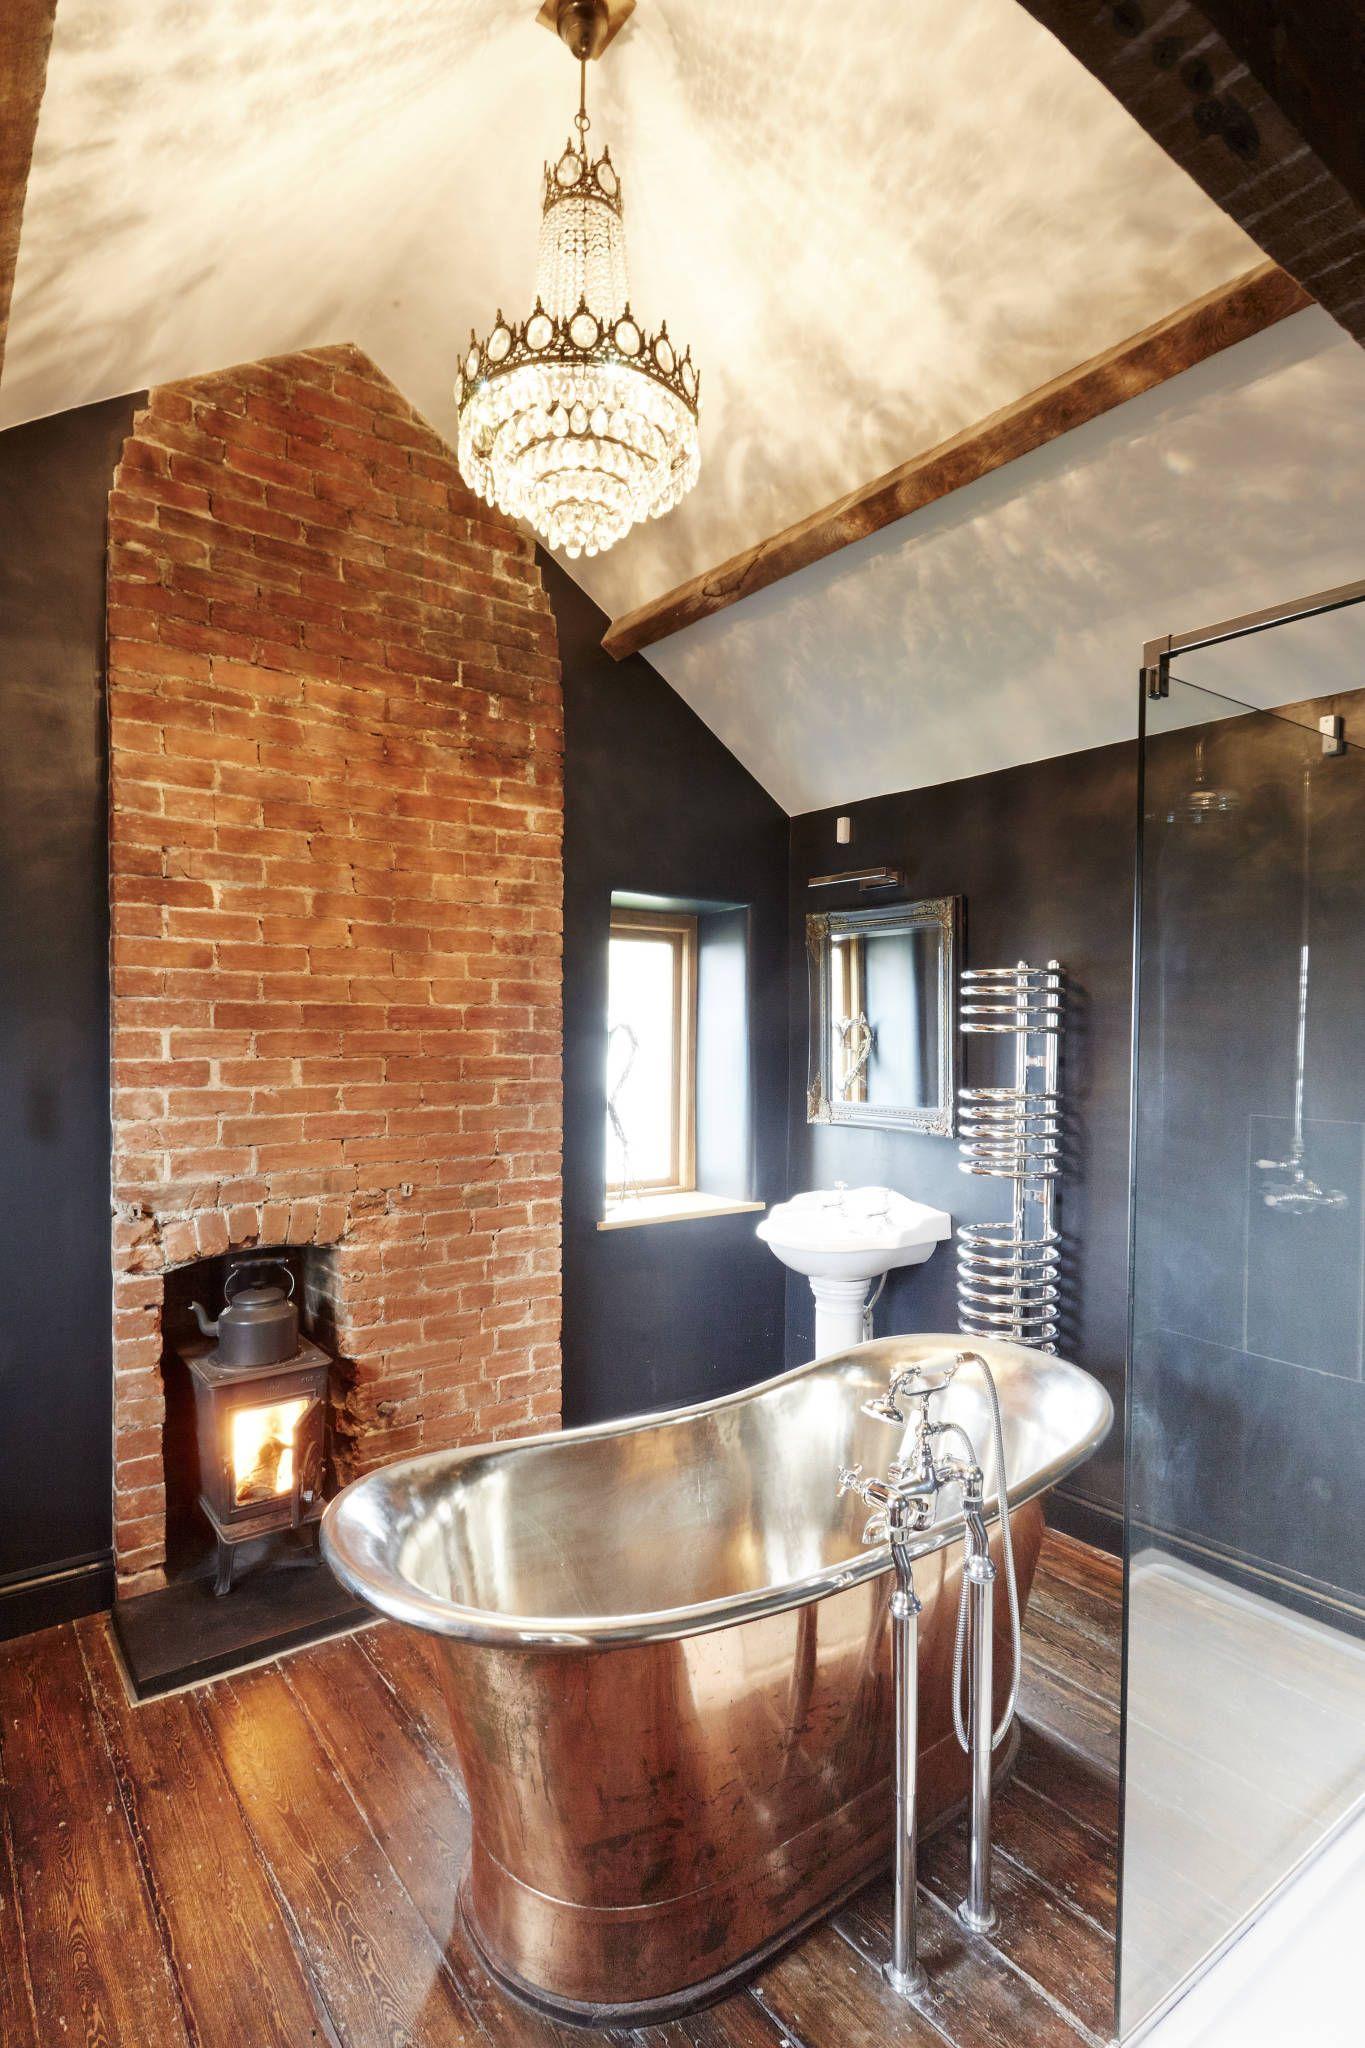 Vintage badezimmer design landhausstil badezimmer bilder von hart design and construction